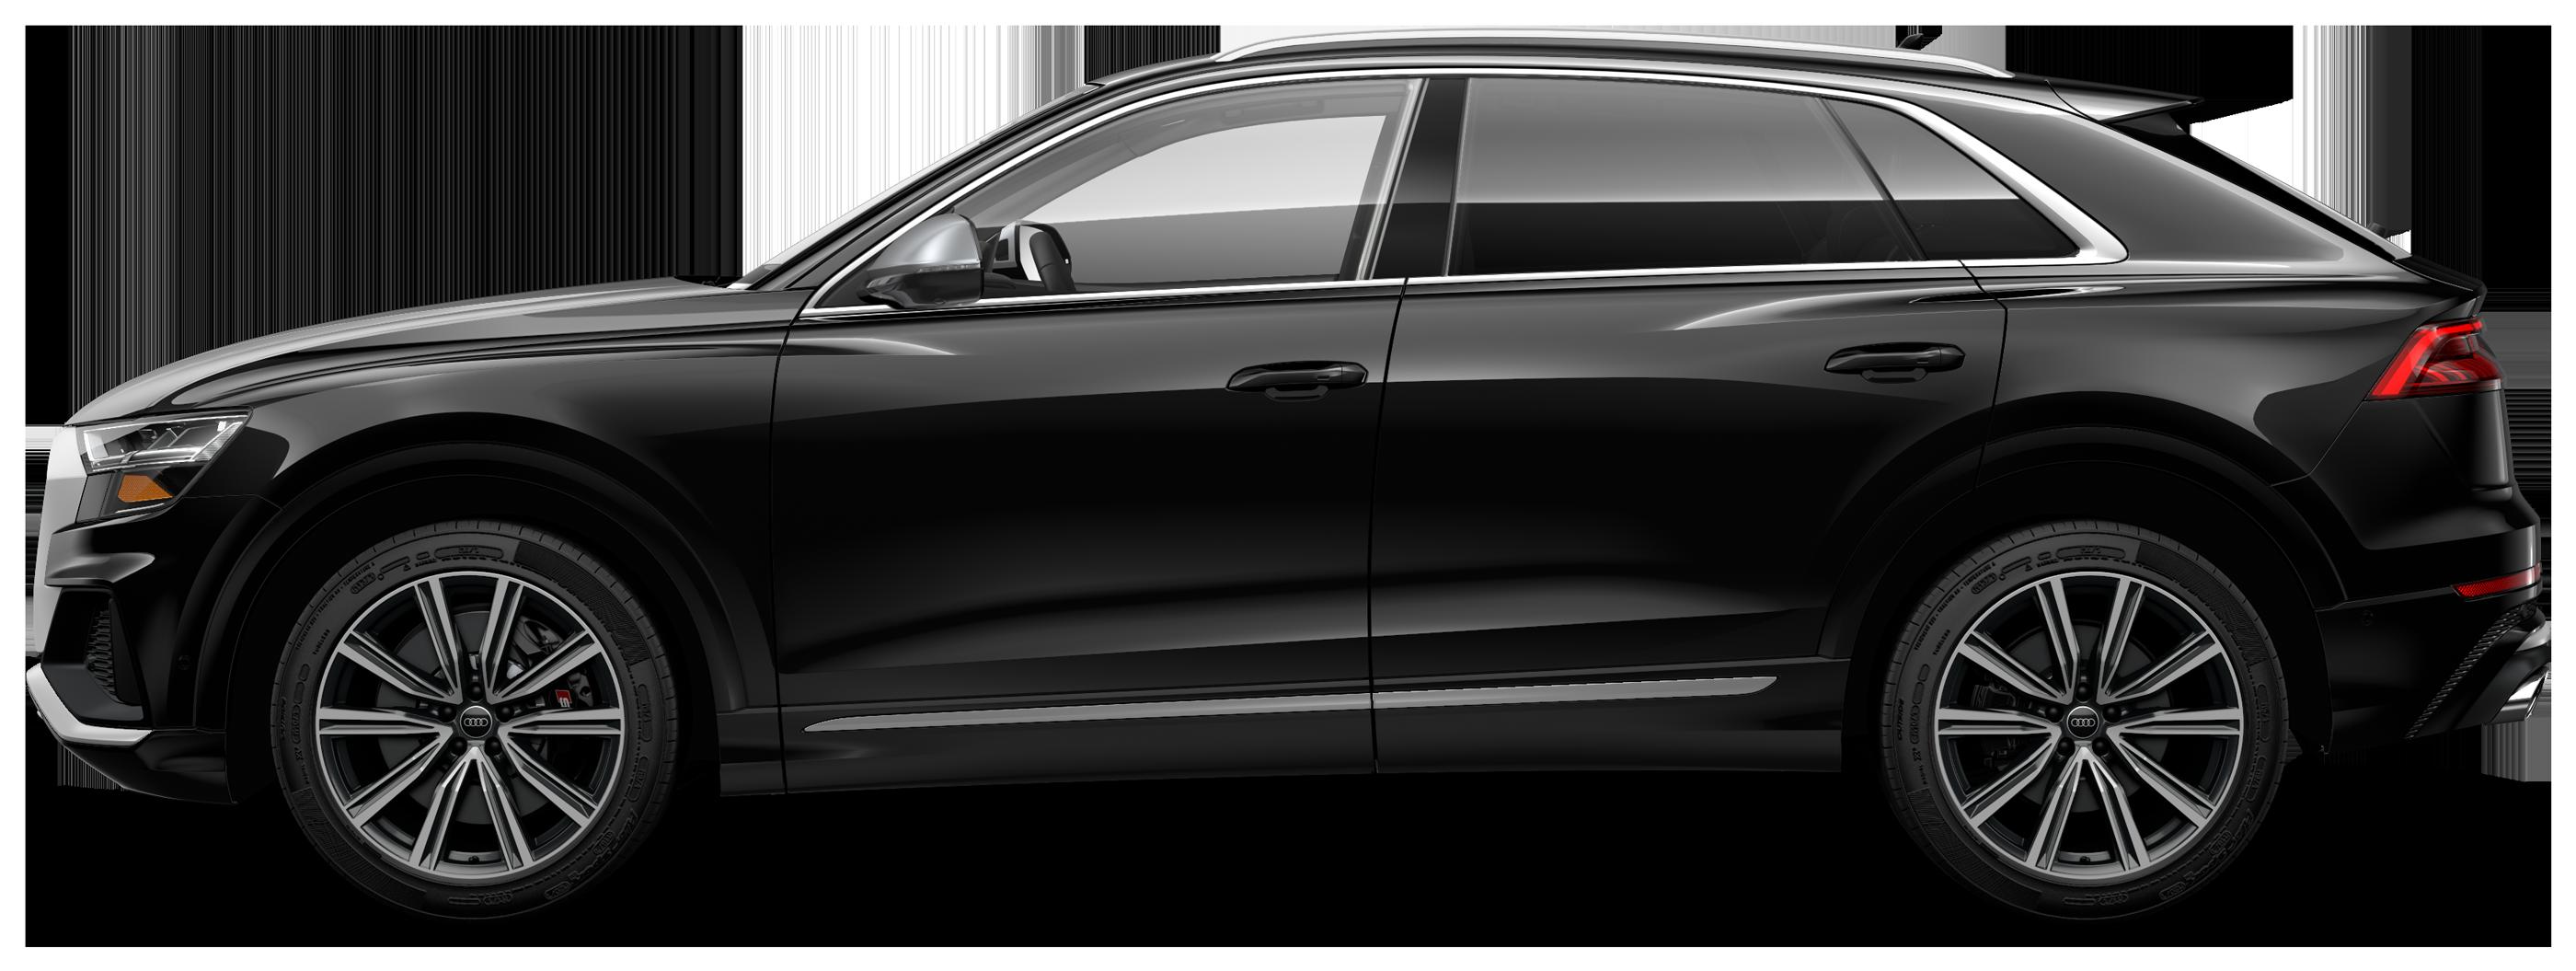 2021 Audi SQ8 SUV 4.0T Premium Plus